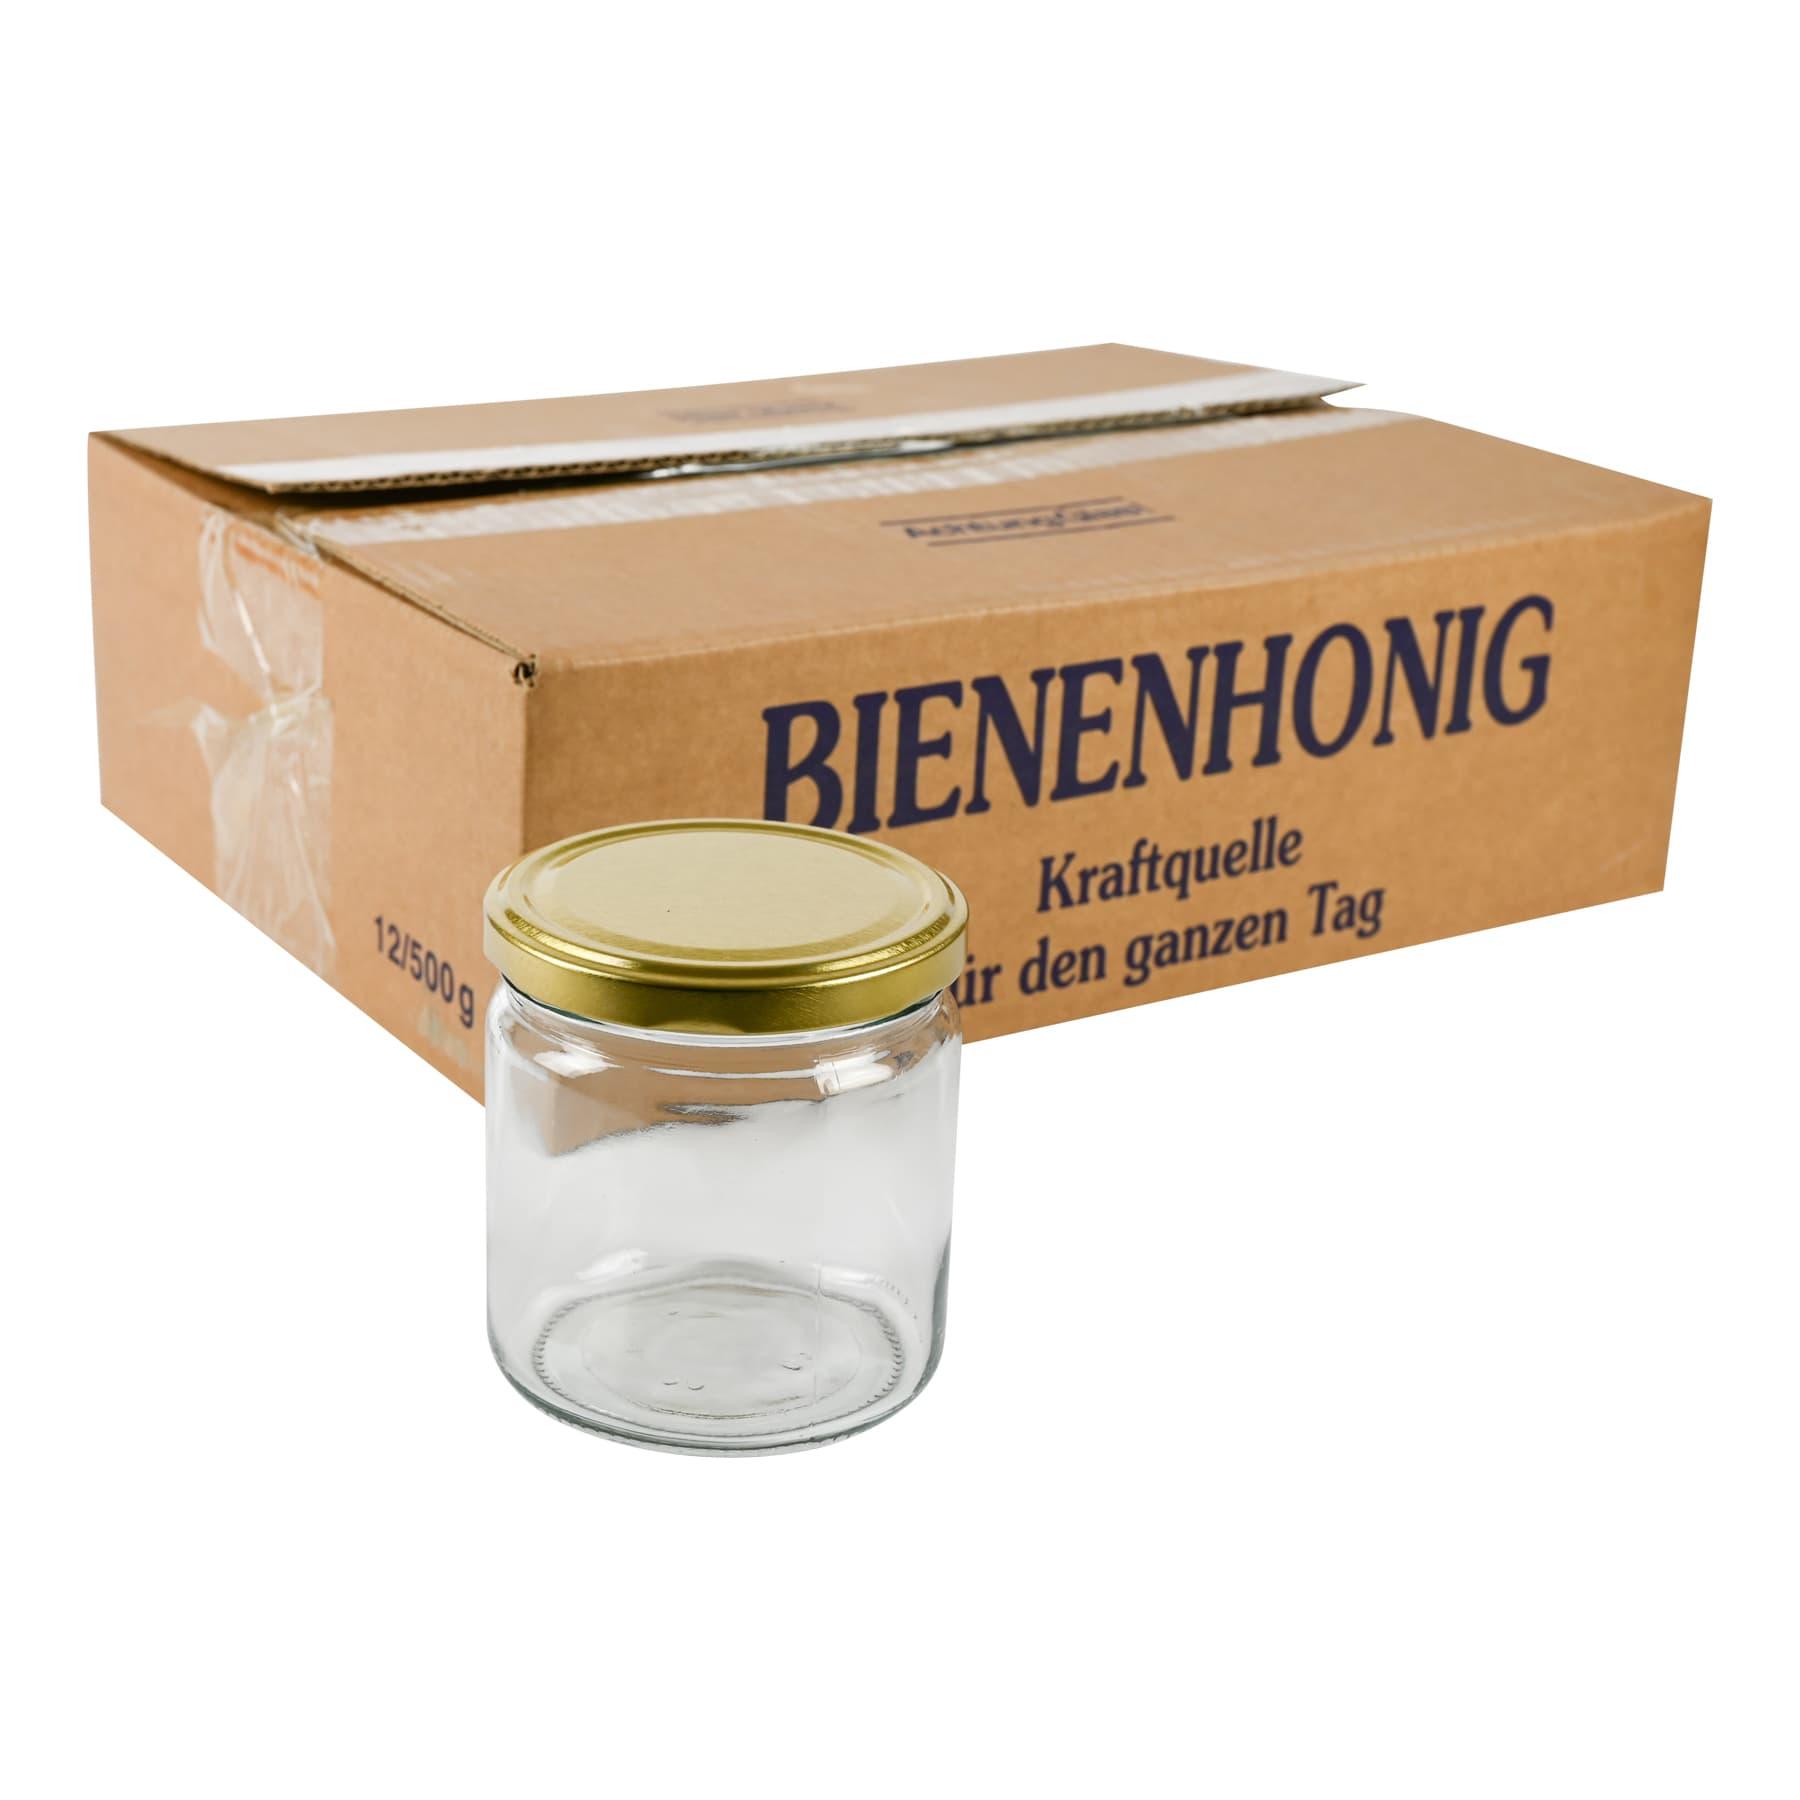 Rundglas 500 g TO mit Gold Deckel im 12er Karton 1320 Gläser = 1/2 Palette Frei Haus gesendet